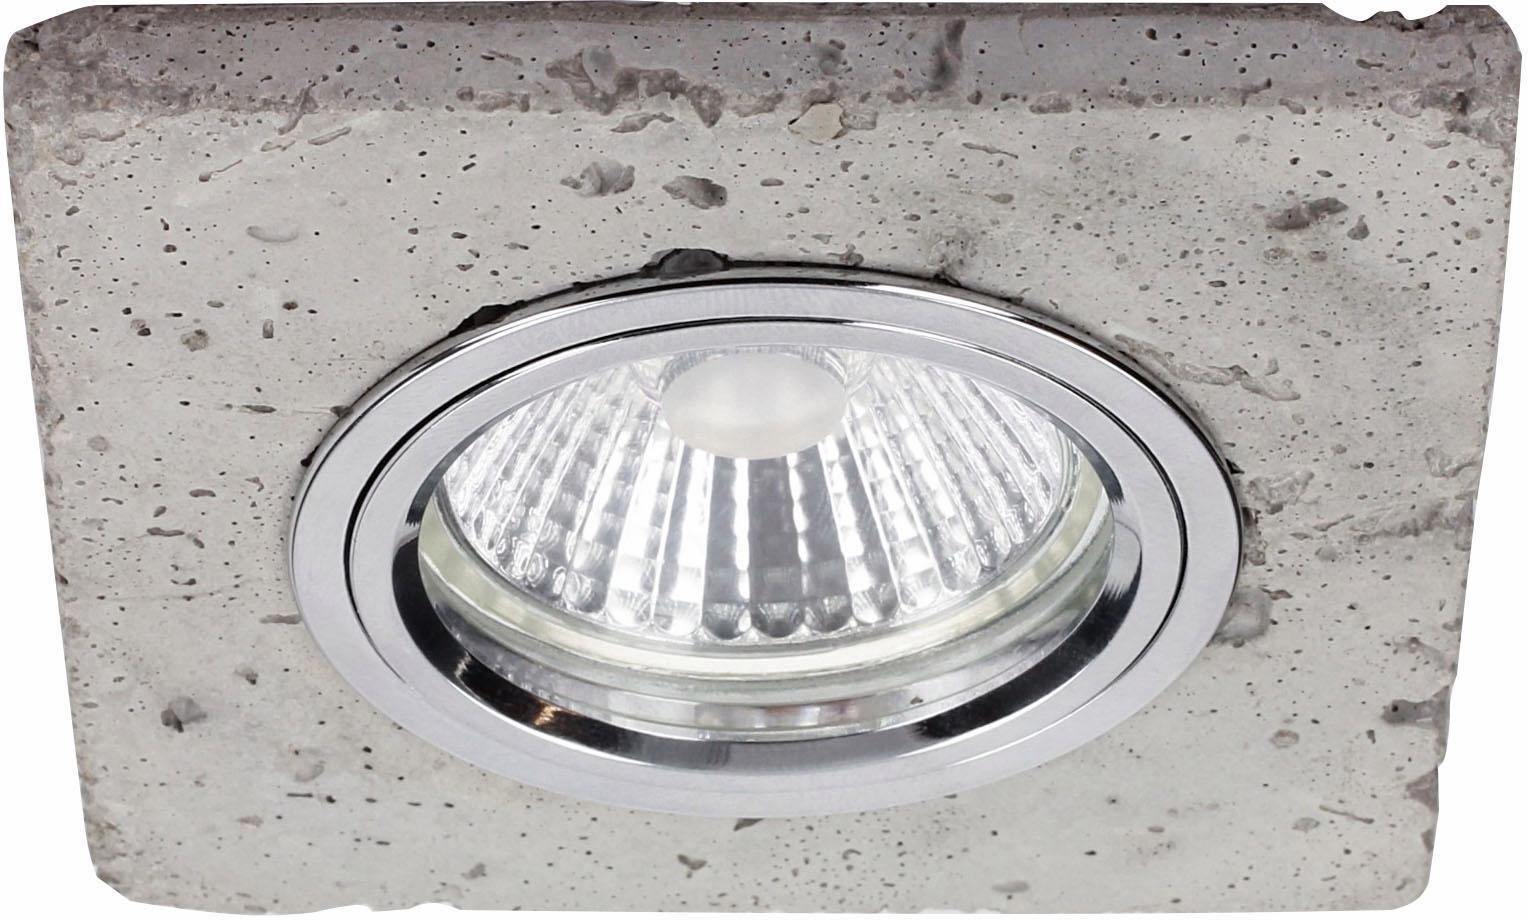 SPOT Light,LED Einbaustrahler»LEDSDREAM«, | Lampen > Strahler und Systeme > Einbaustrahler | Grau | Metall - Beton | SPOT LIGHT